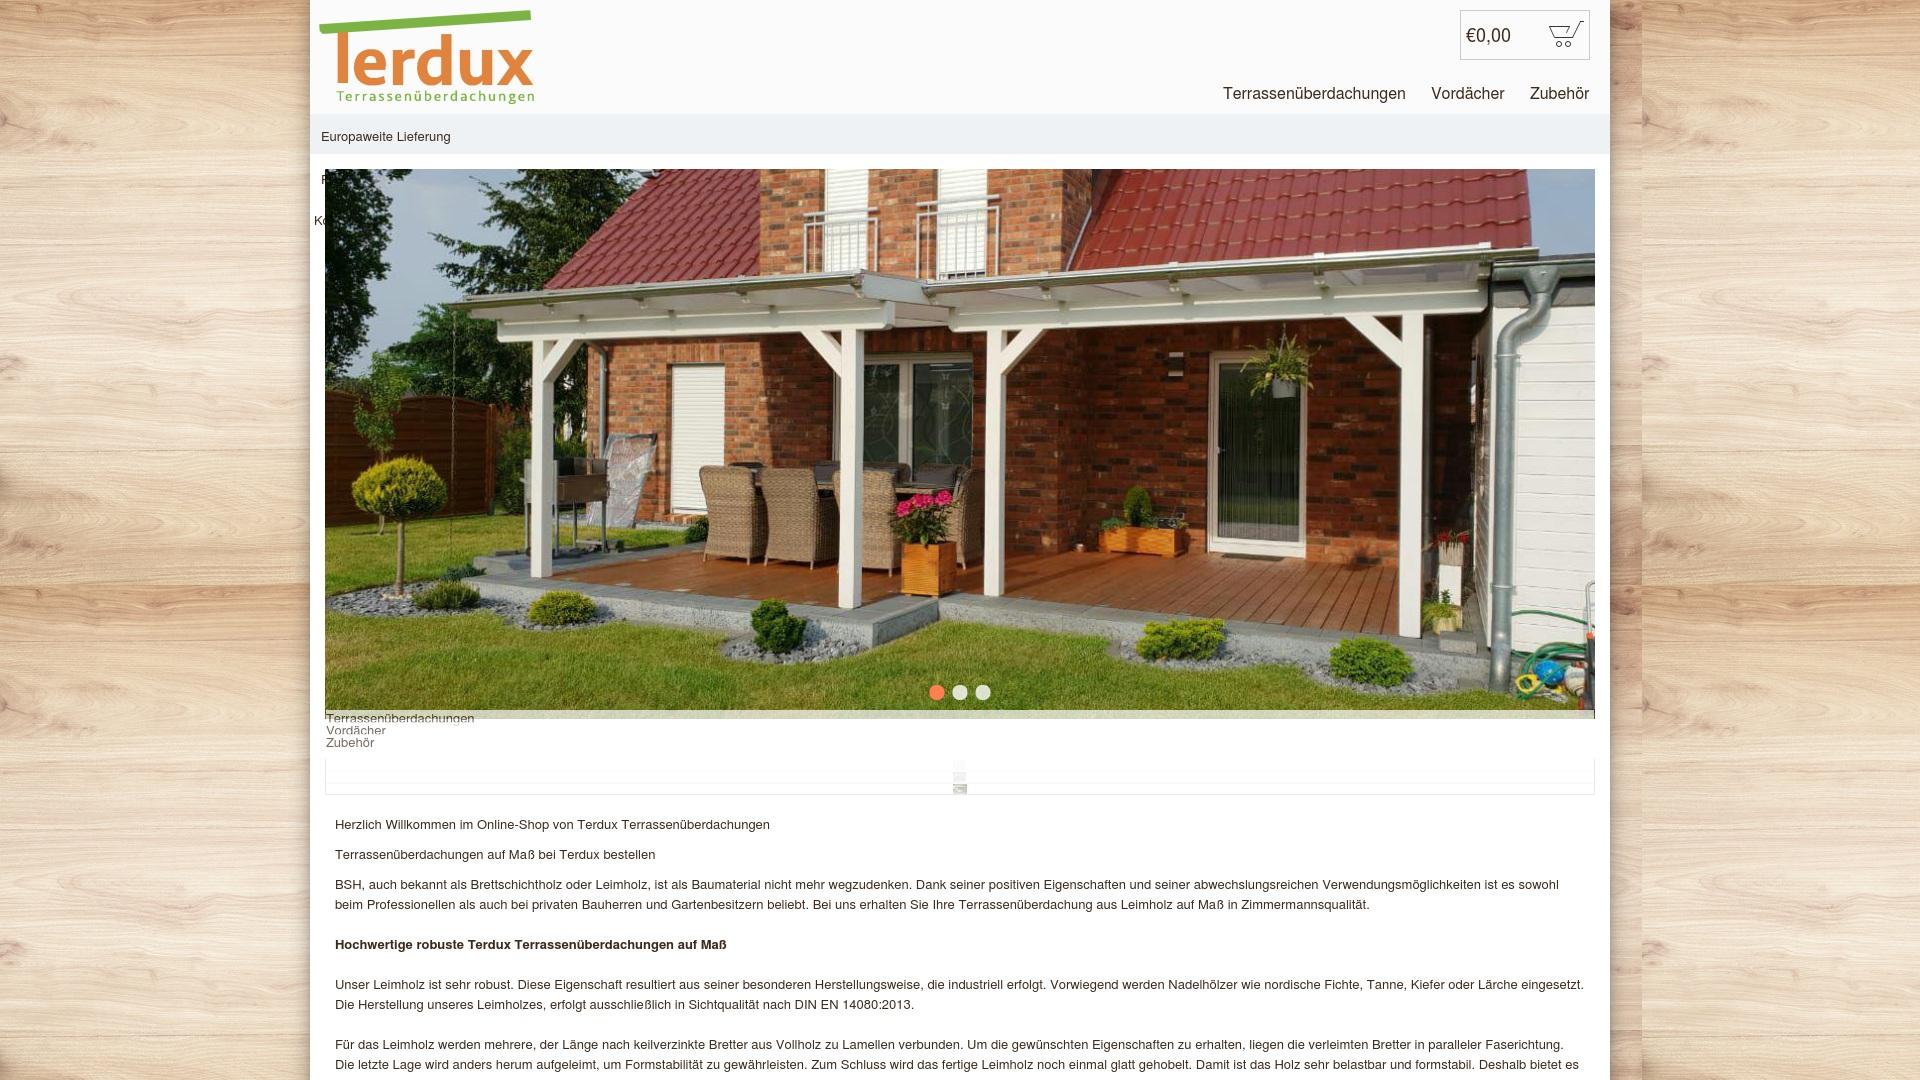 Gutschein für Terdux: Rabatte für  Terdux sichern